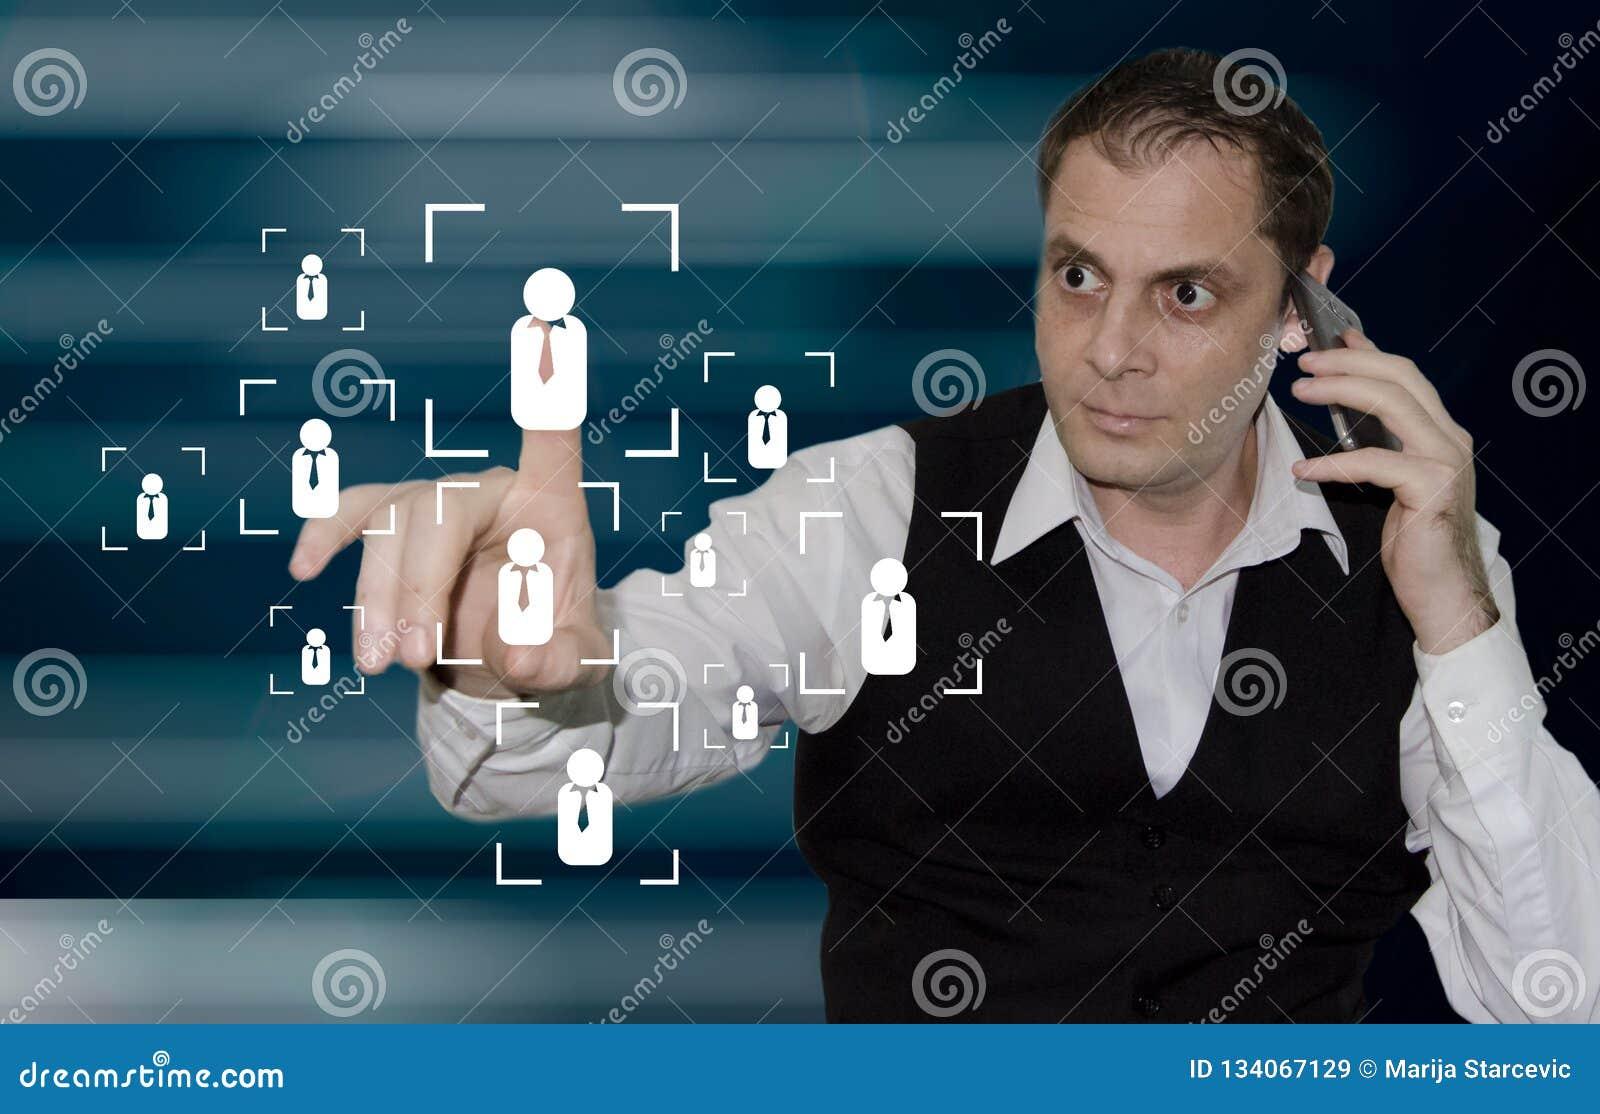 Strategia marketingowa - biznesmen osoby wzruszająca ikona na wirtualnym ekranie podczas gdy mieć rozmowę telefoniczną